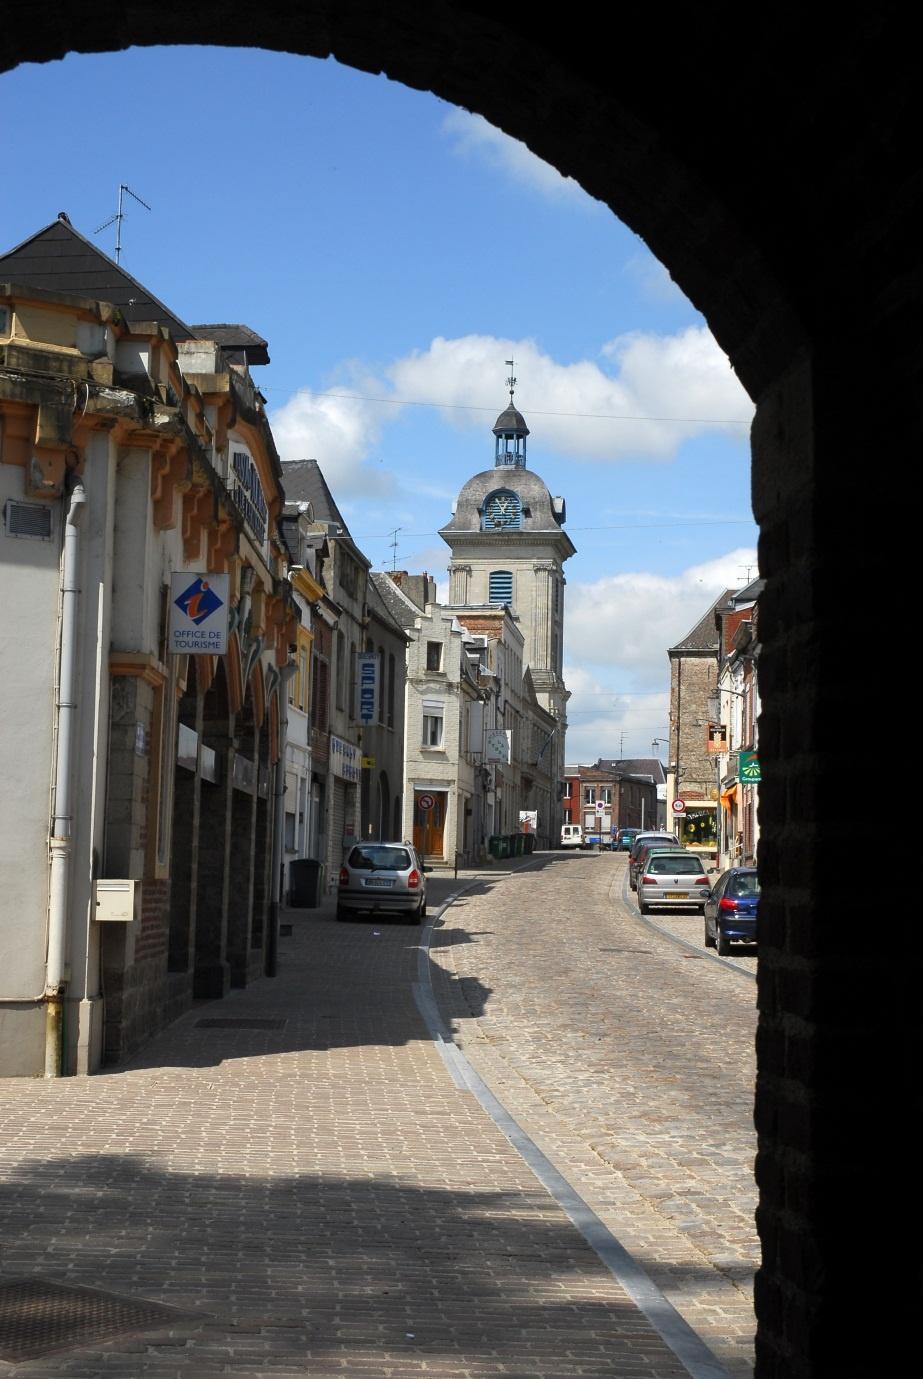 Le Quesnoy, France